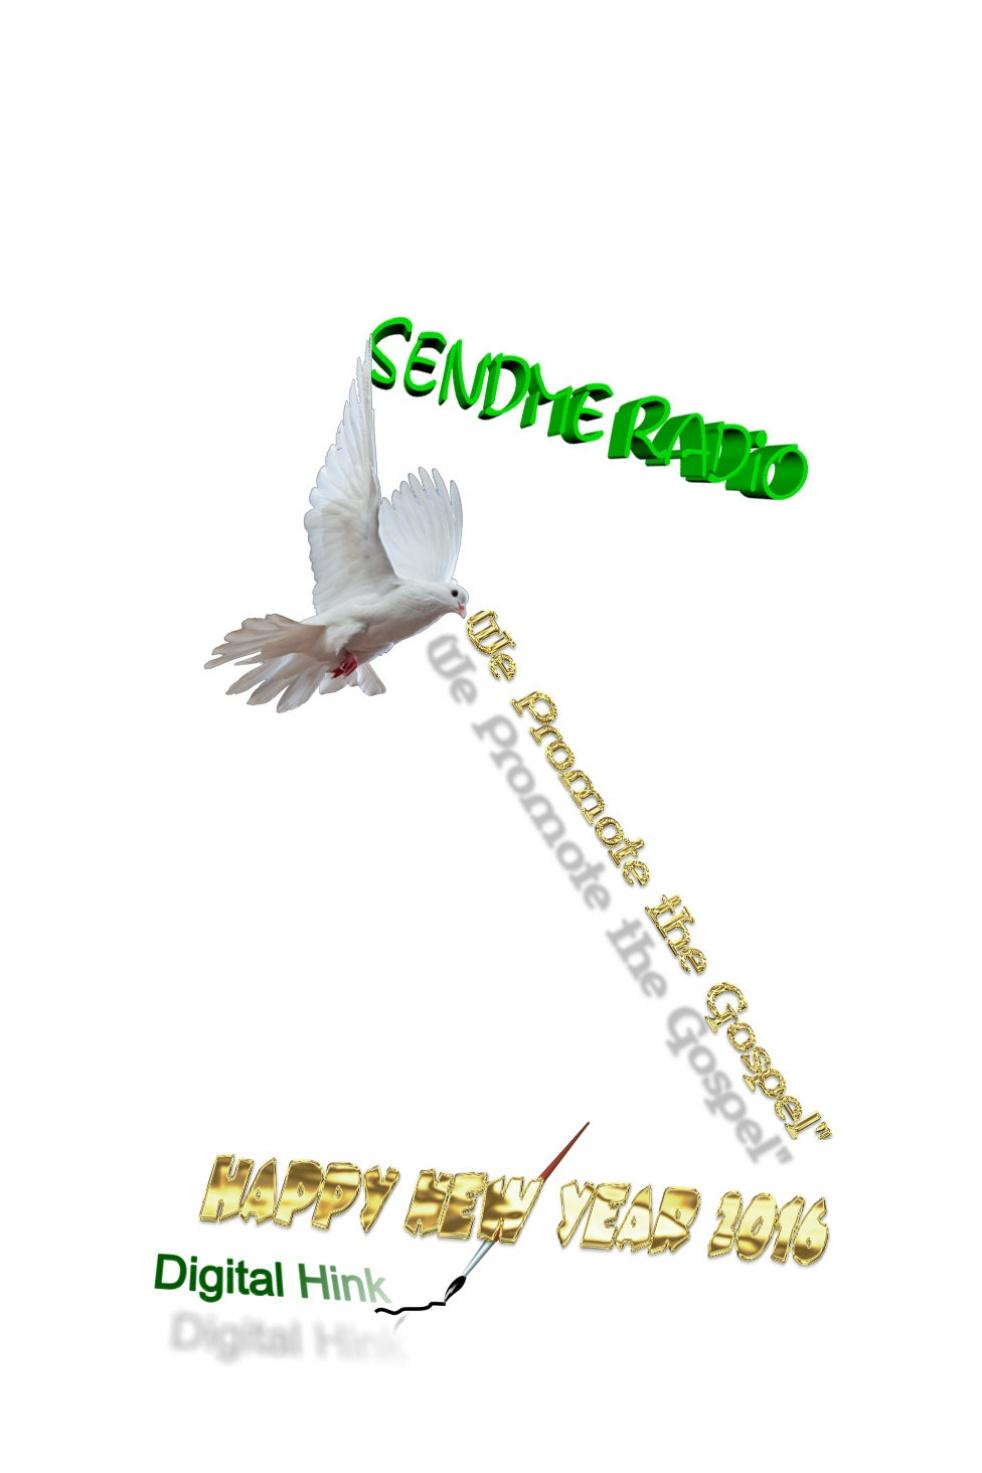 SendMe Radio - show cover